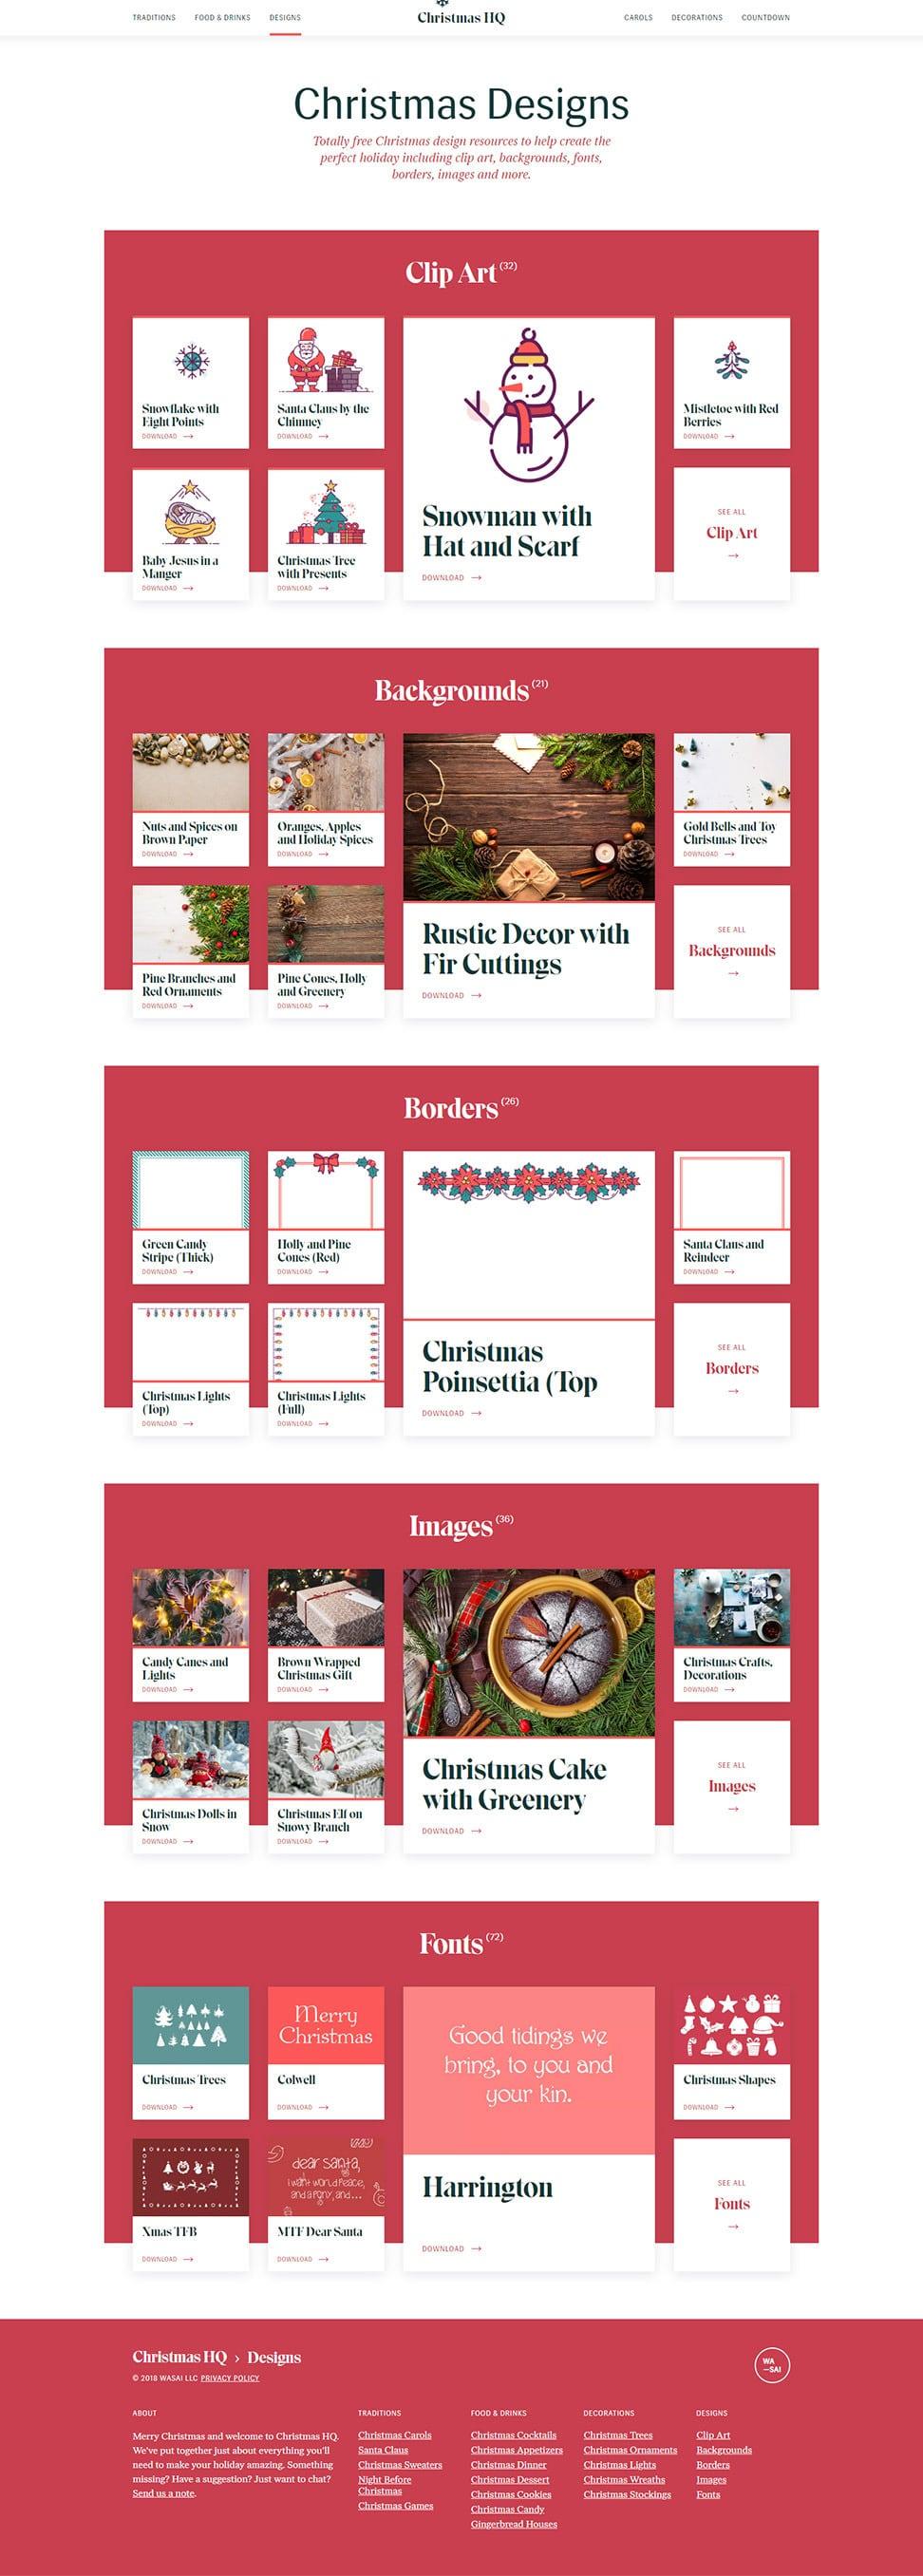 christmashq designs 2018